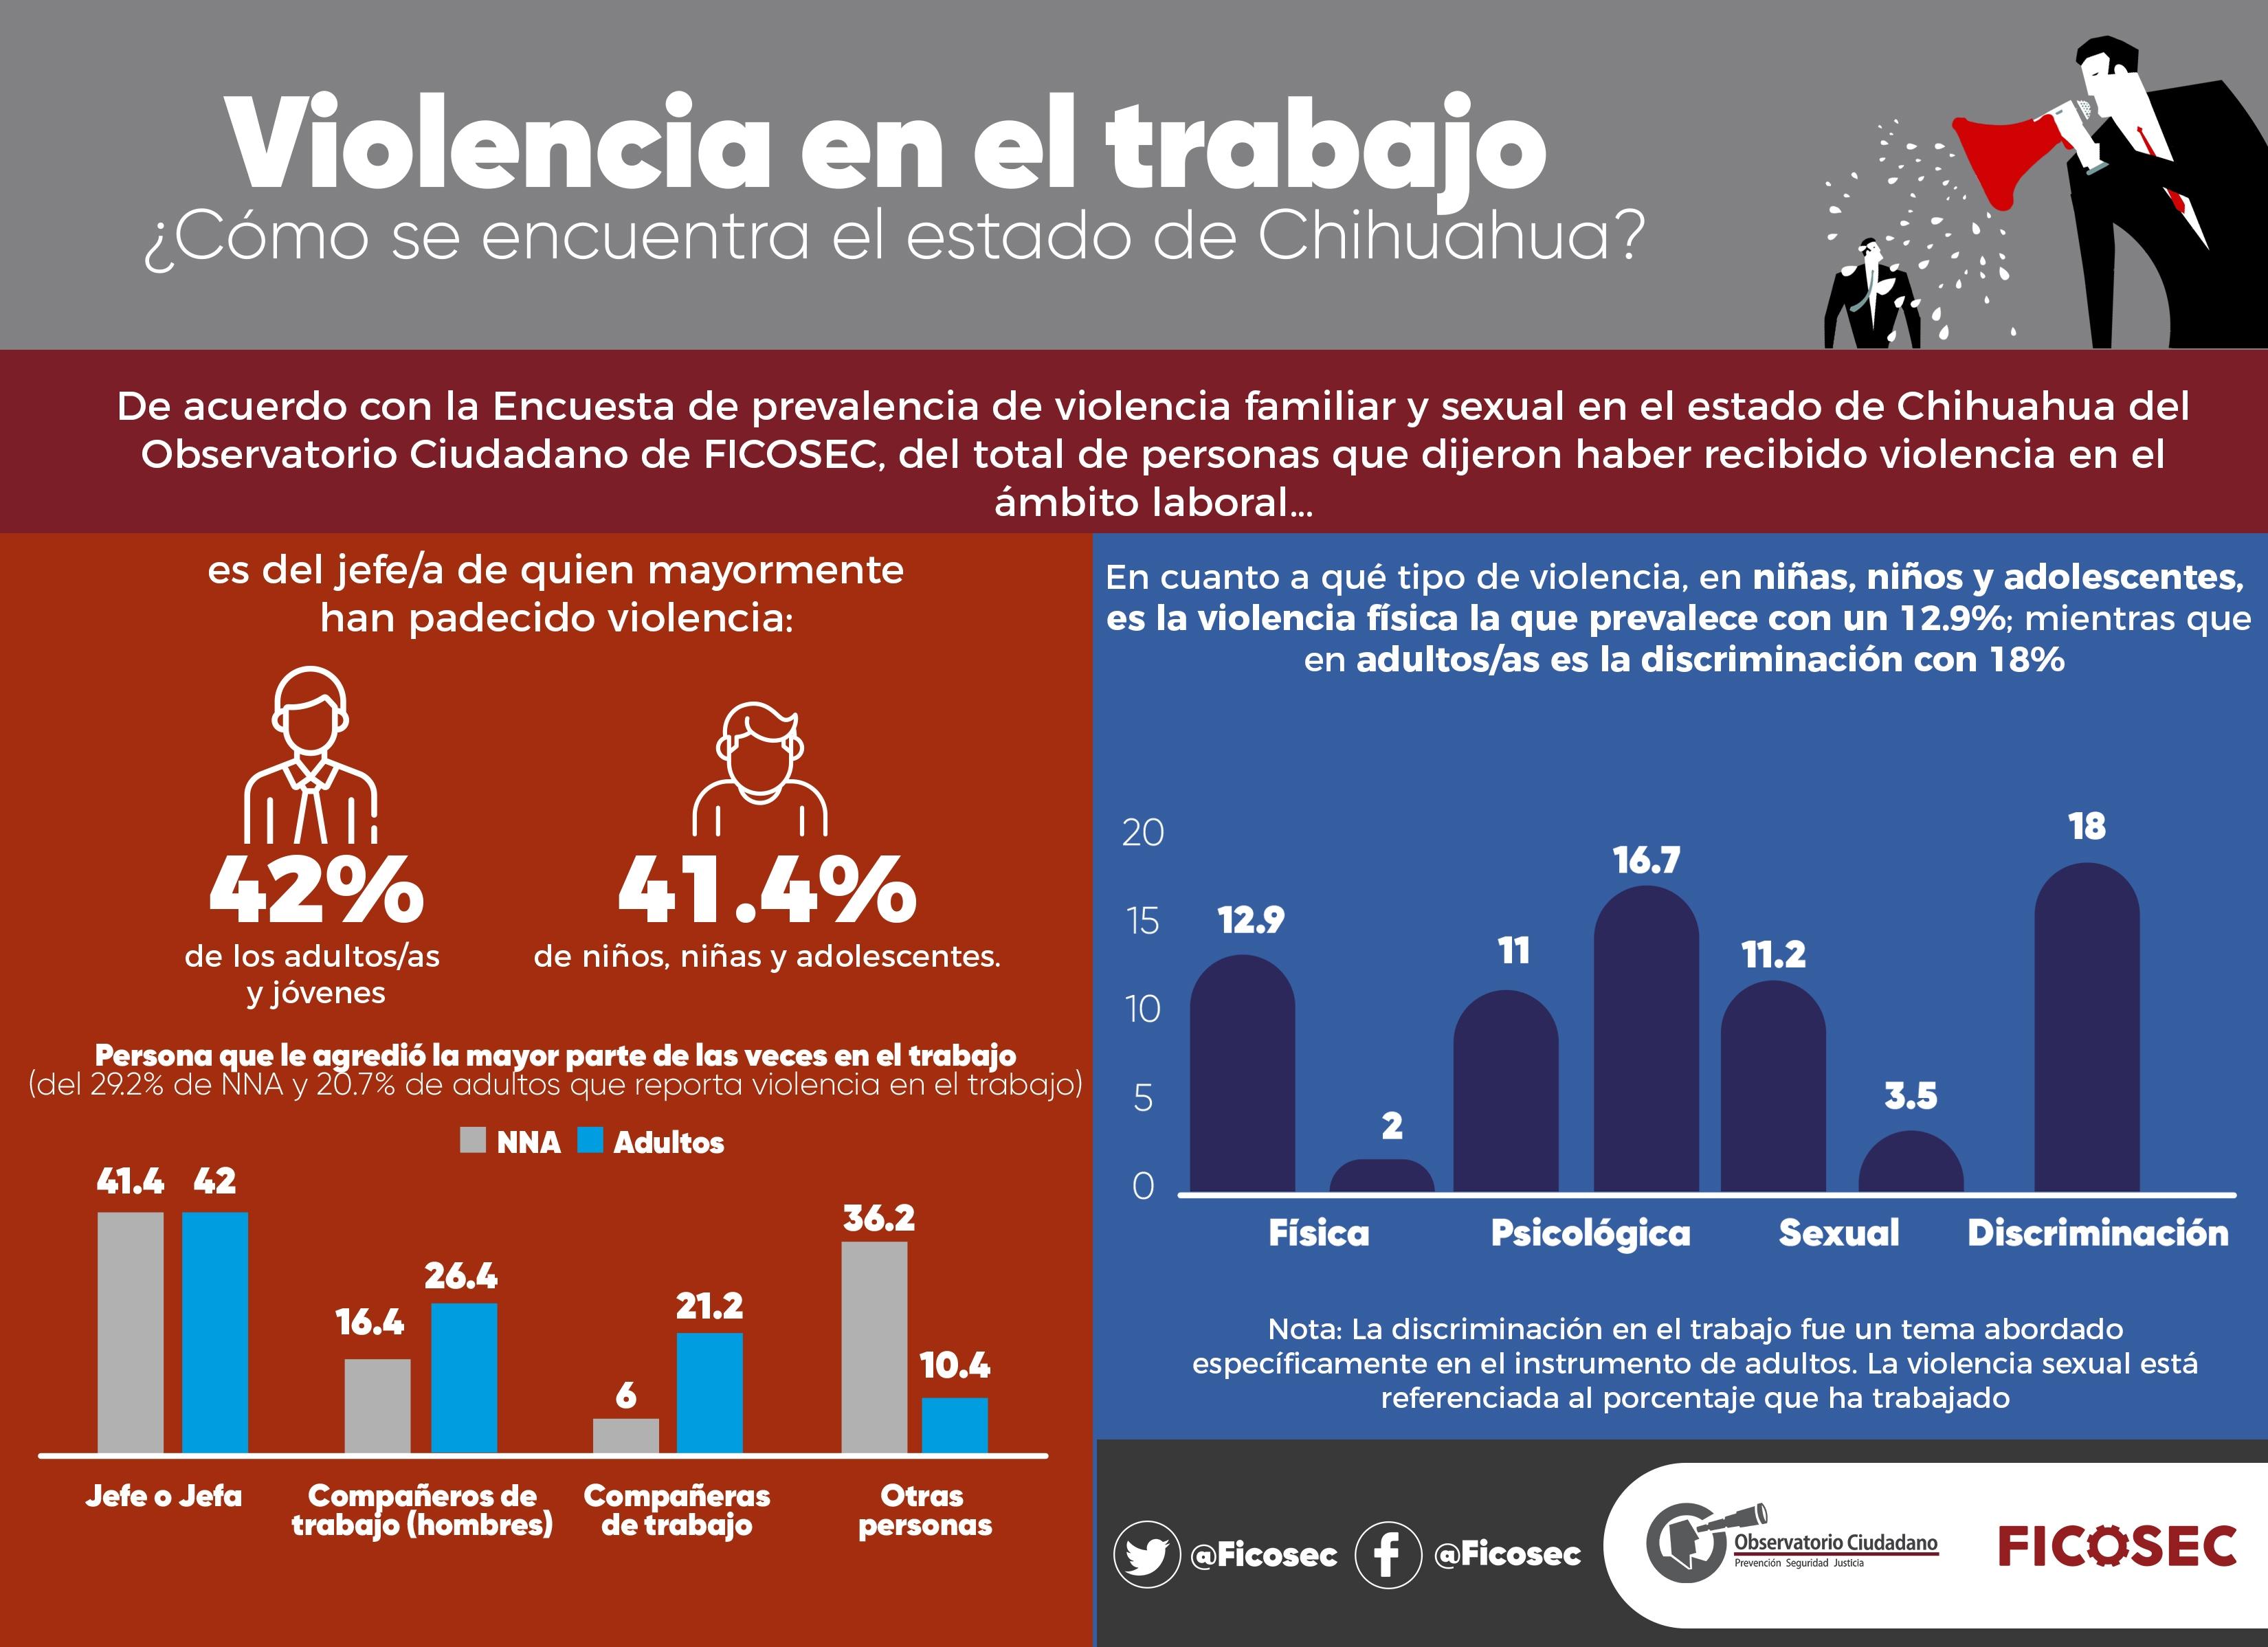 violencia-trabajo-chih-estado